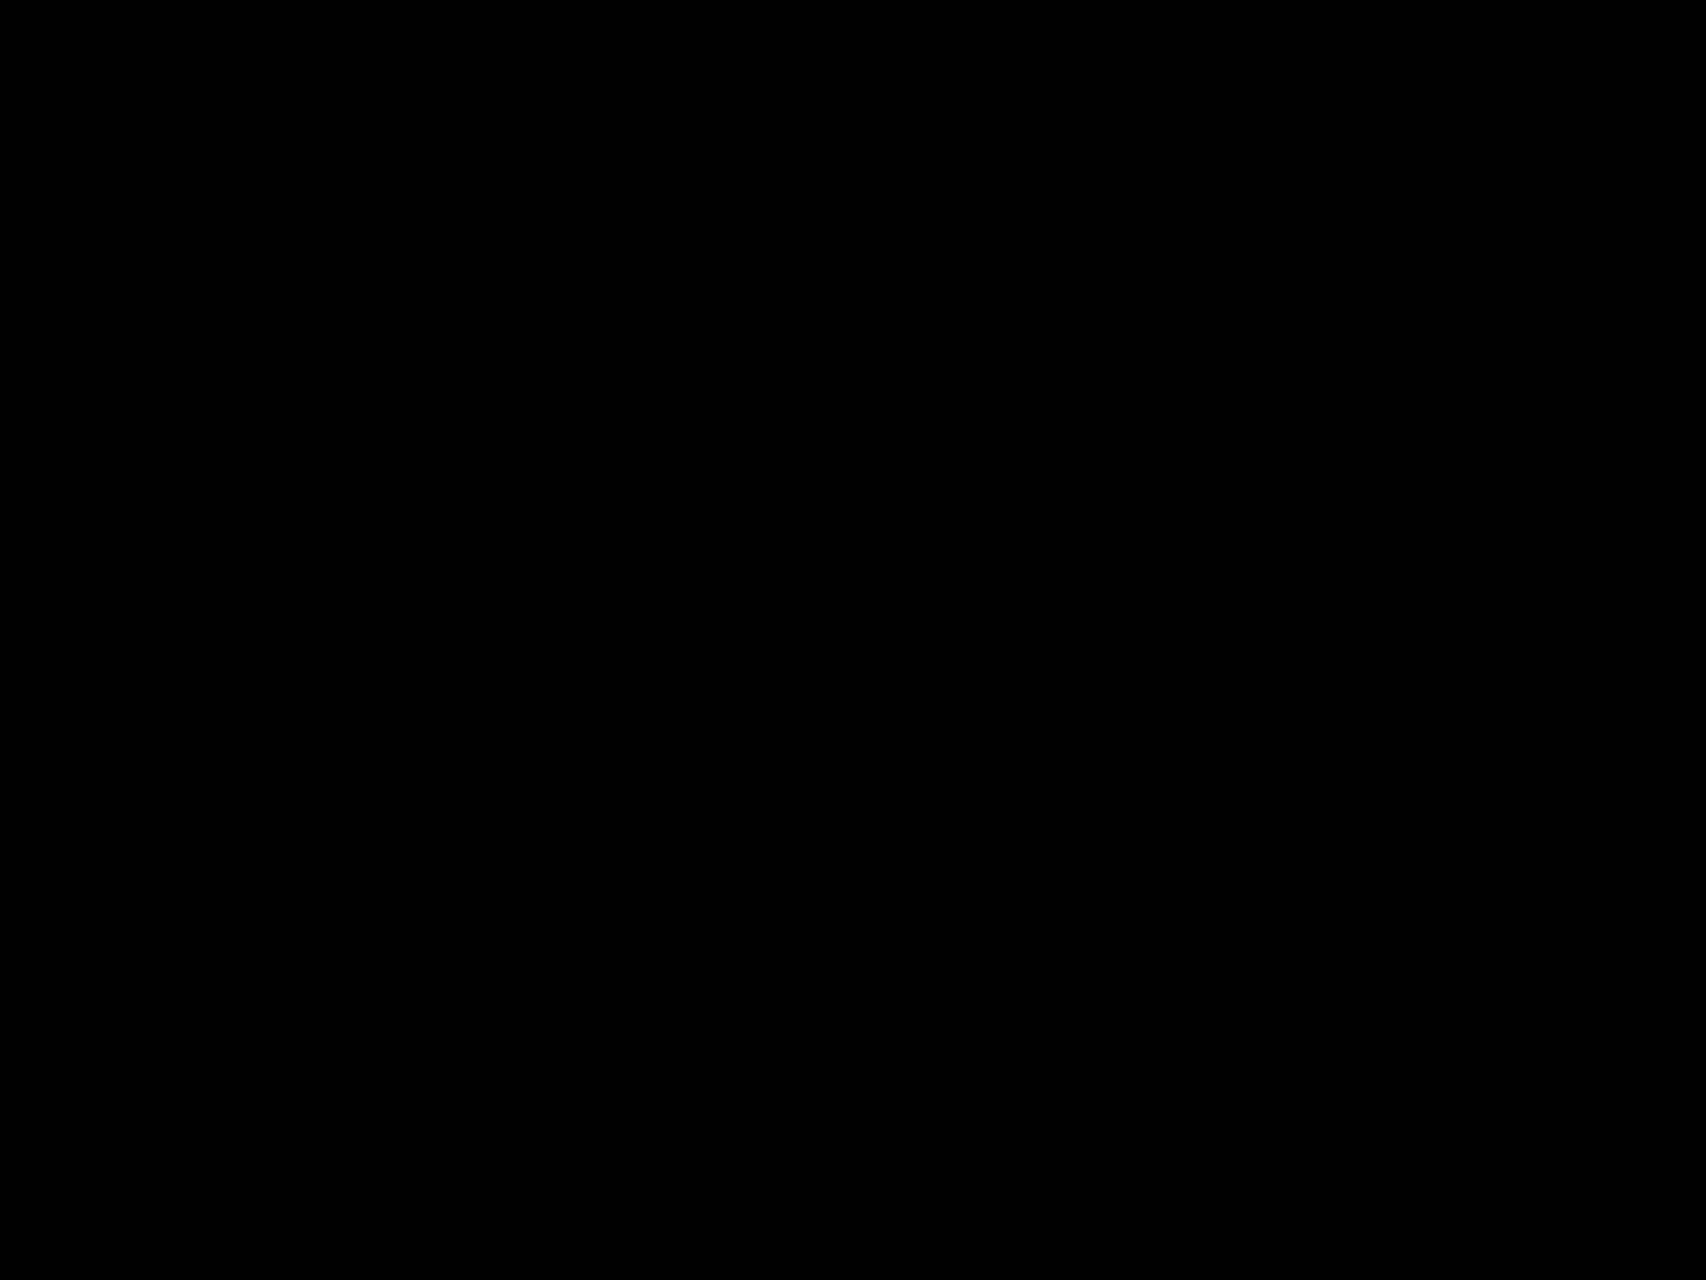 11886_02.jpg